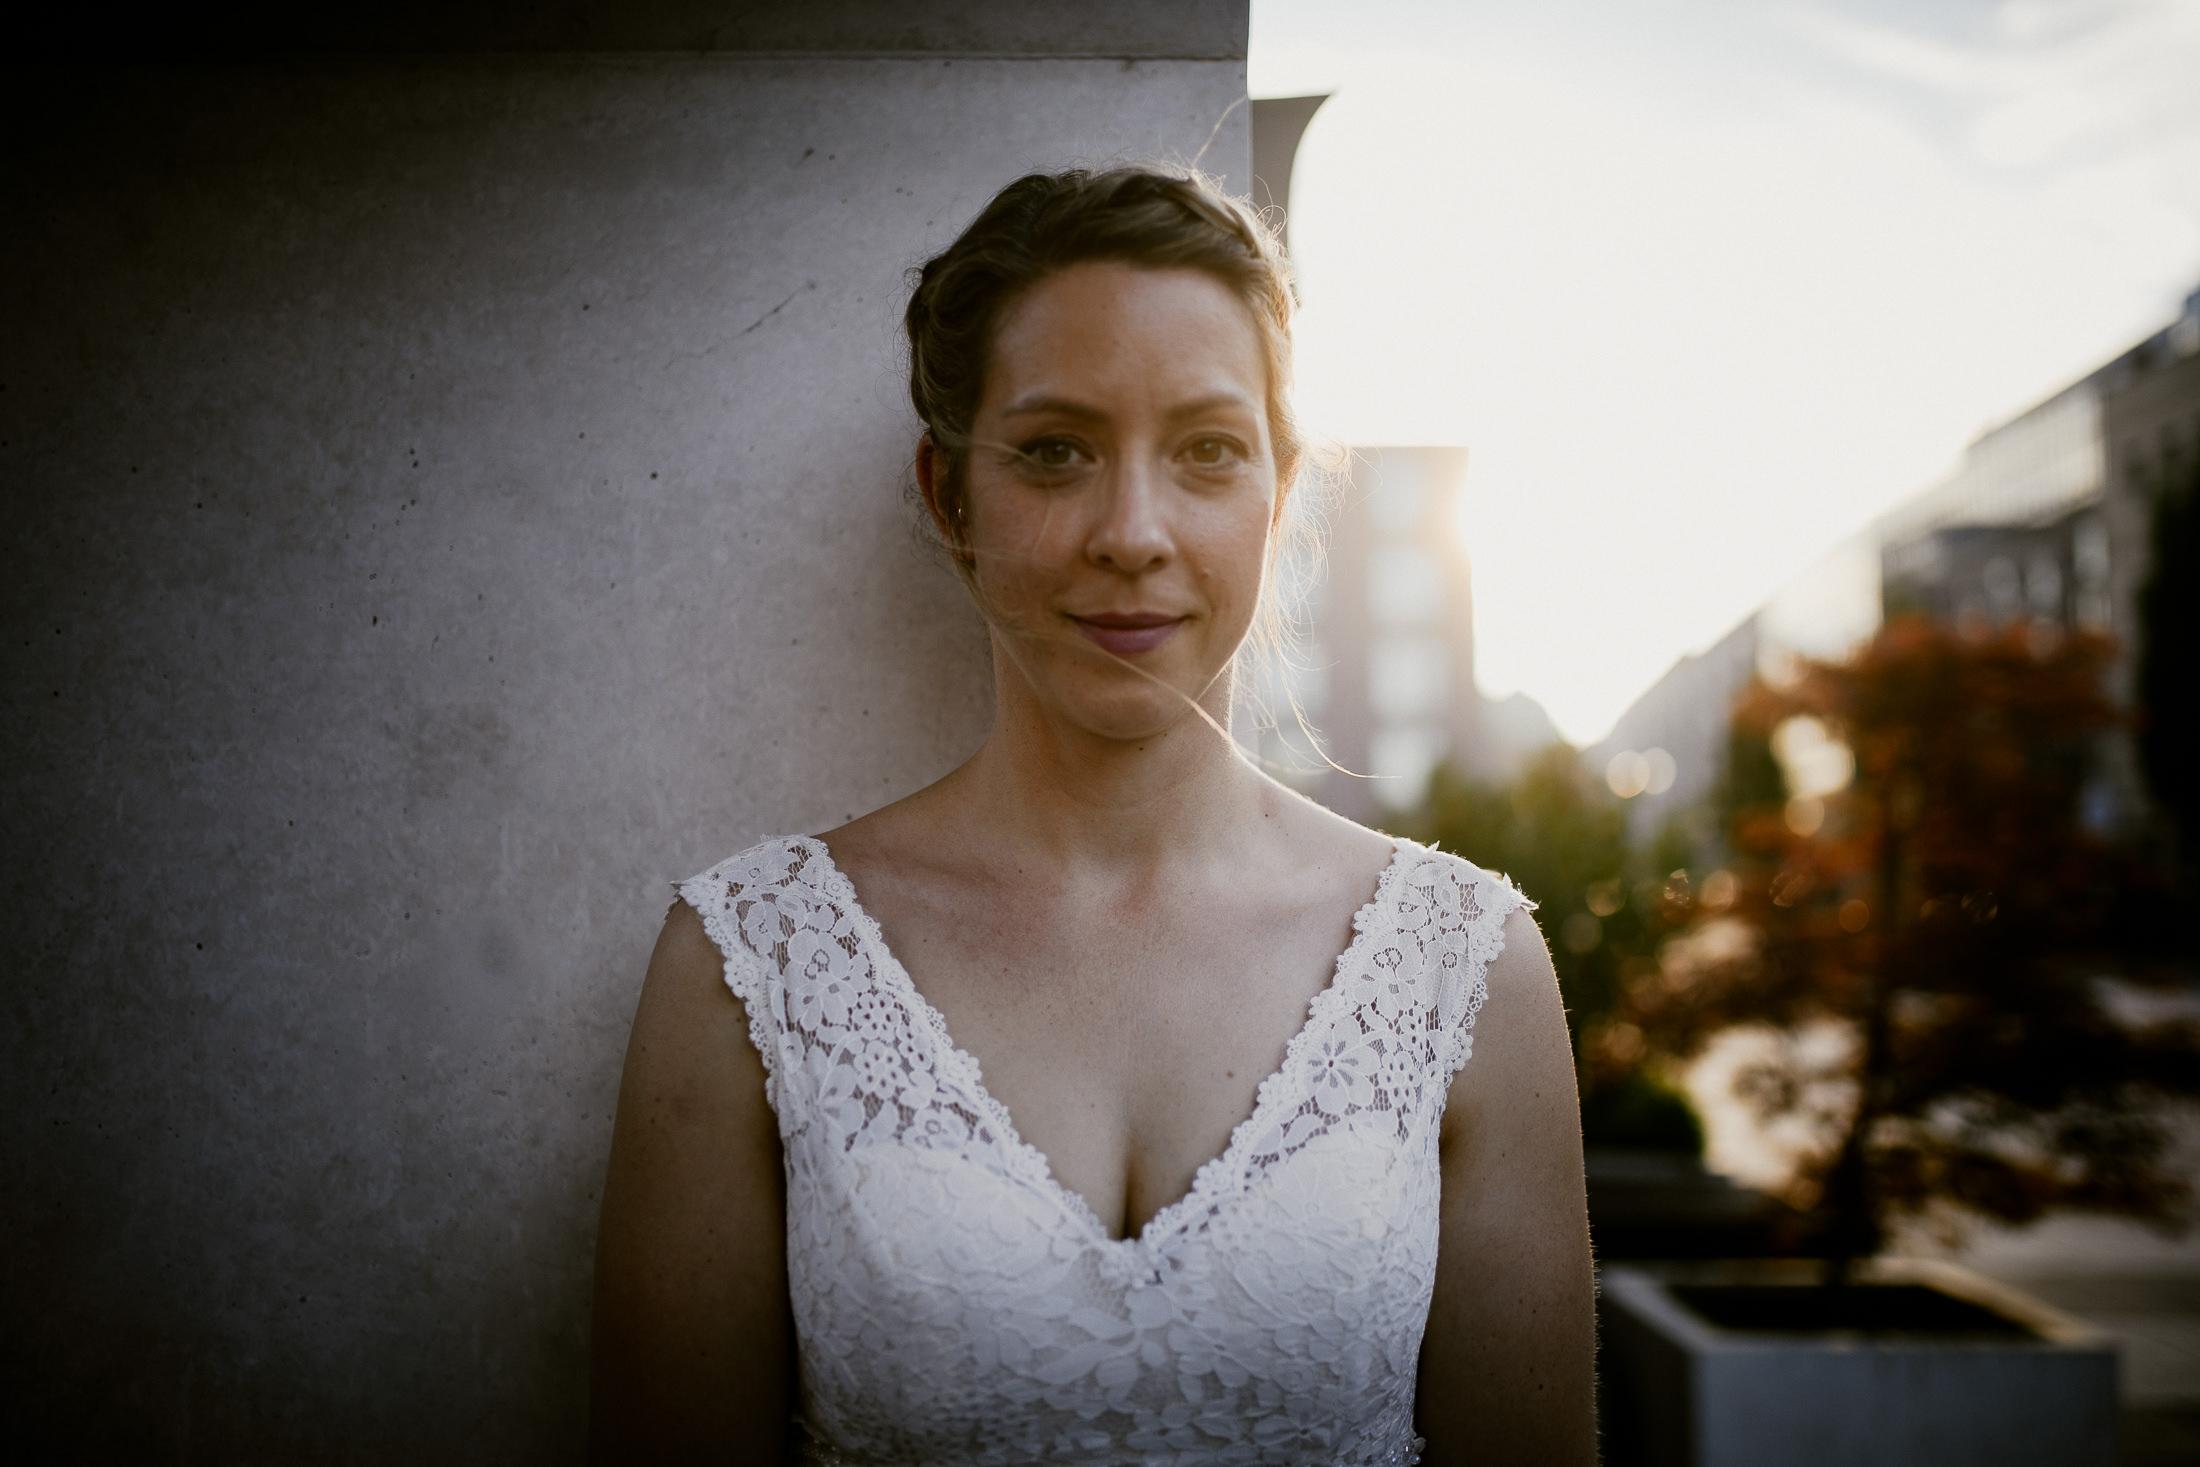 Jessi-Niko-Hochzeit-Nuernberg-city-urban-Bildervomleben-7J0A4758